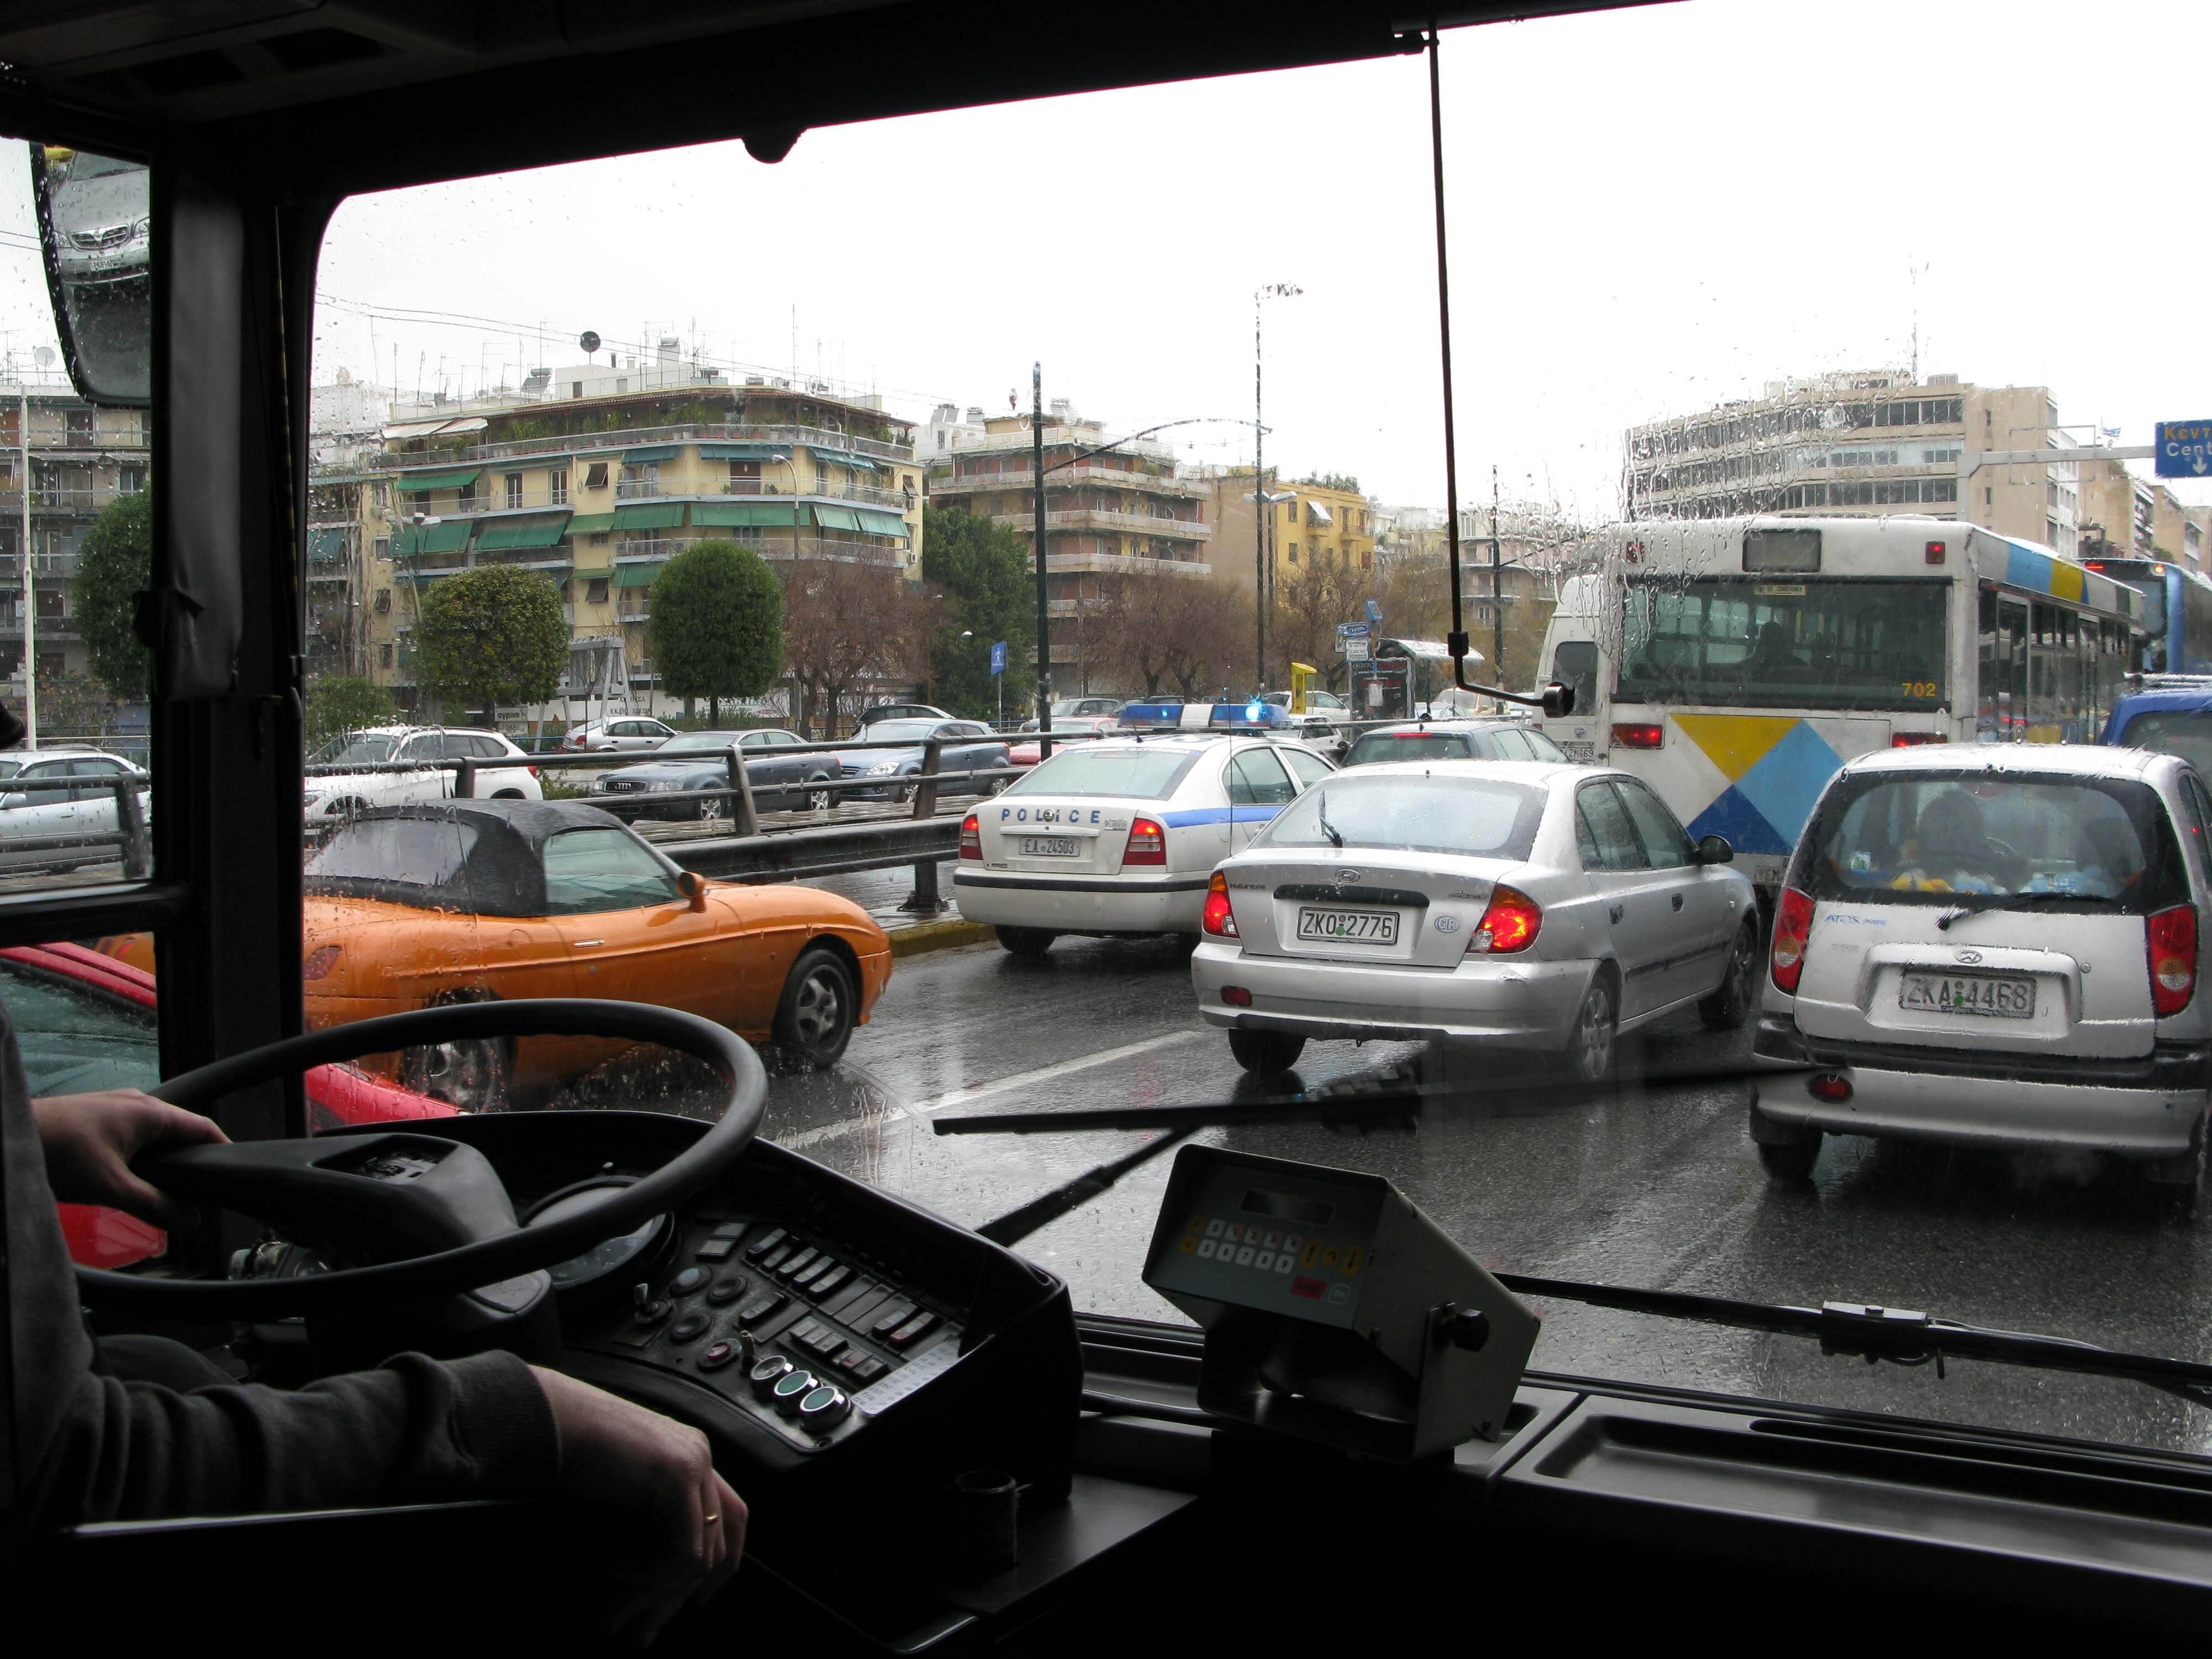 Μεσσηνία: Μαθητής έτρεξε και πάτησε φρένο σε λεωφορείο – Ο οδηγός είχε χάσει τις αισθήσεις του!